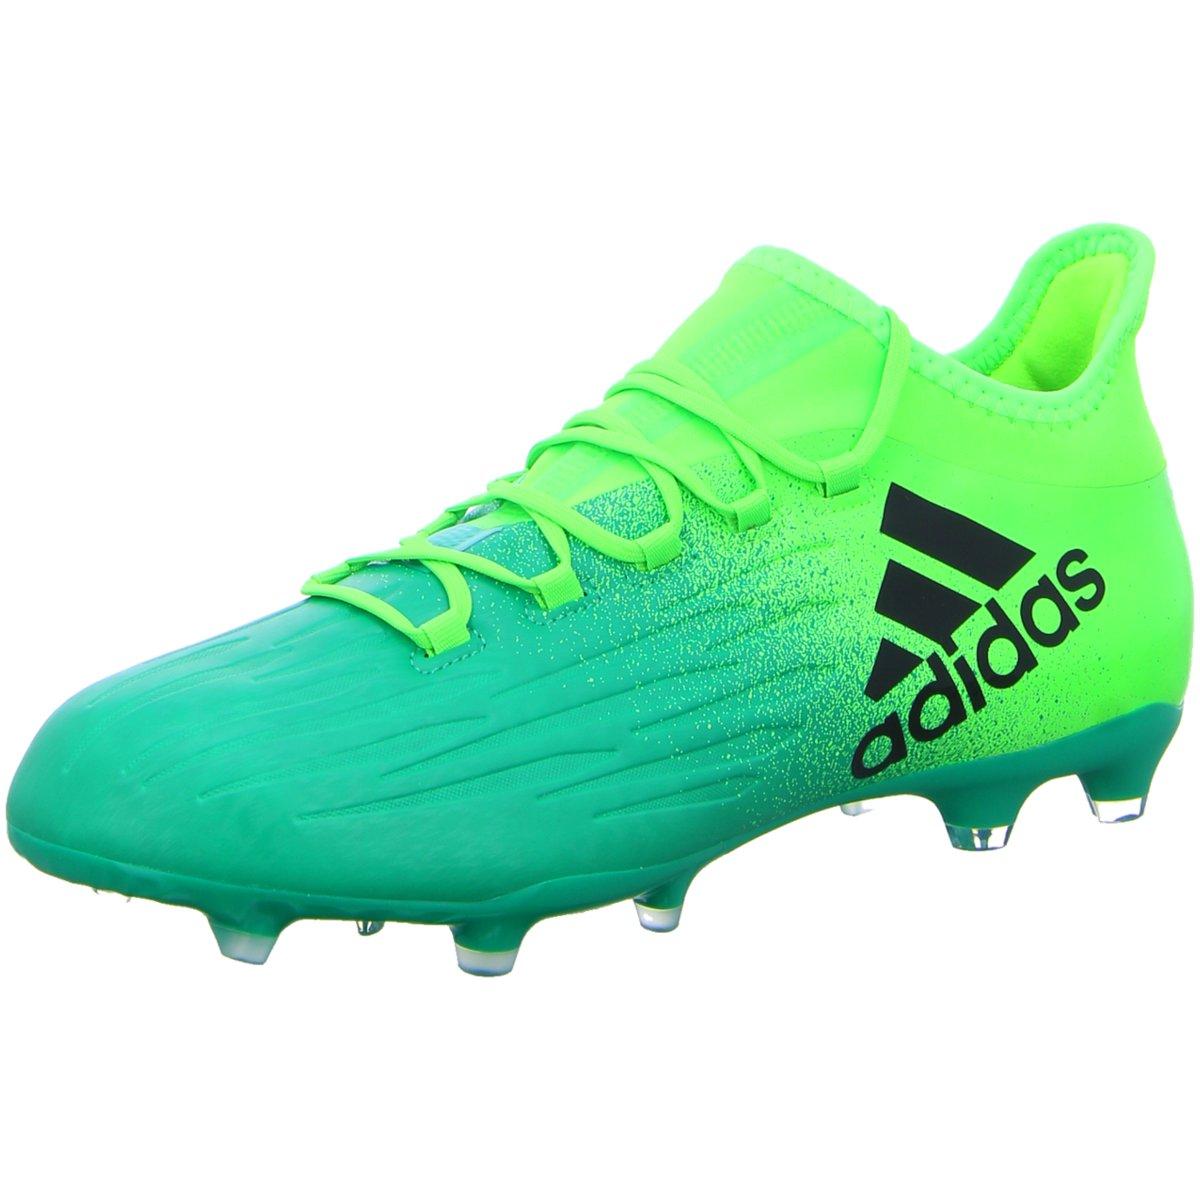 Details zu #S2K adidas Herren Sportschuhe X 16.2 FG Herren Fußballschuhe Nocken grün